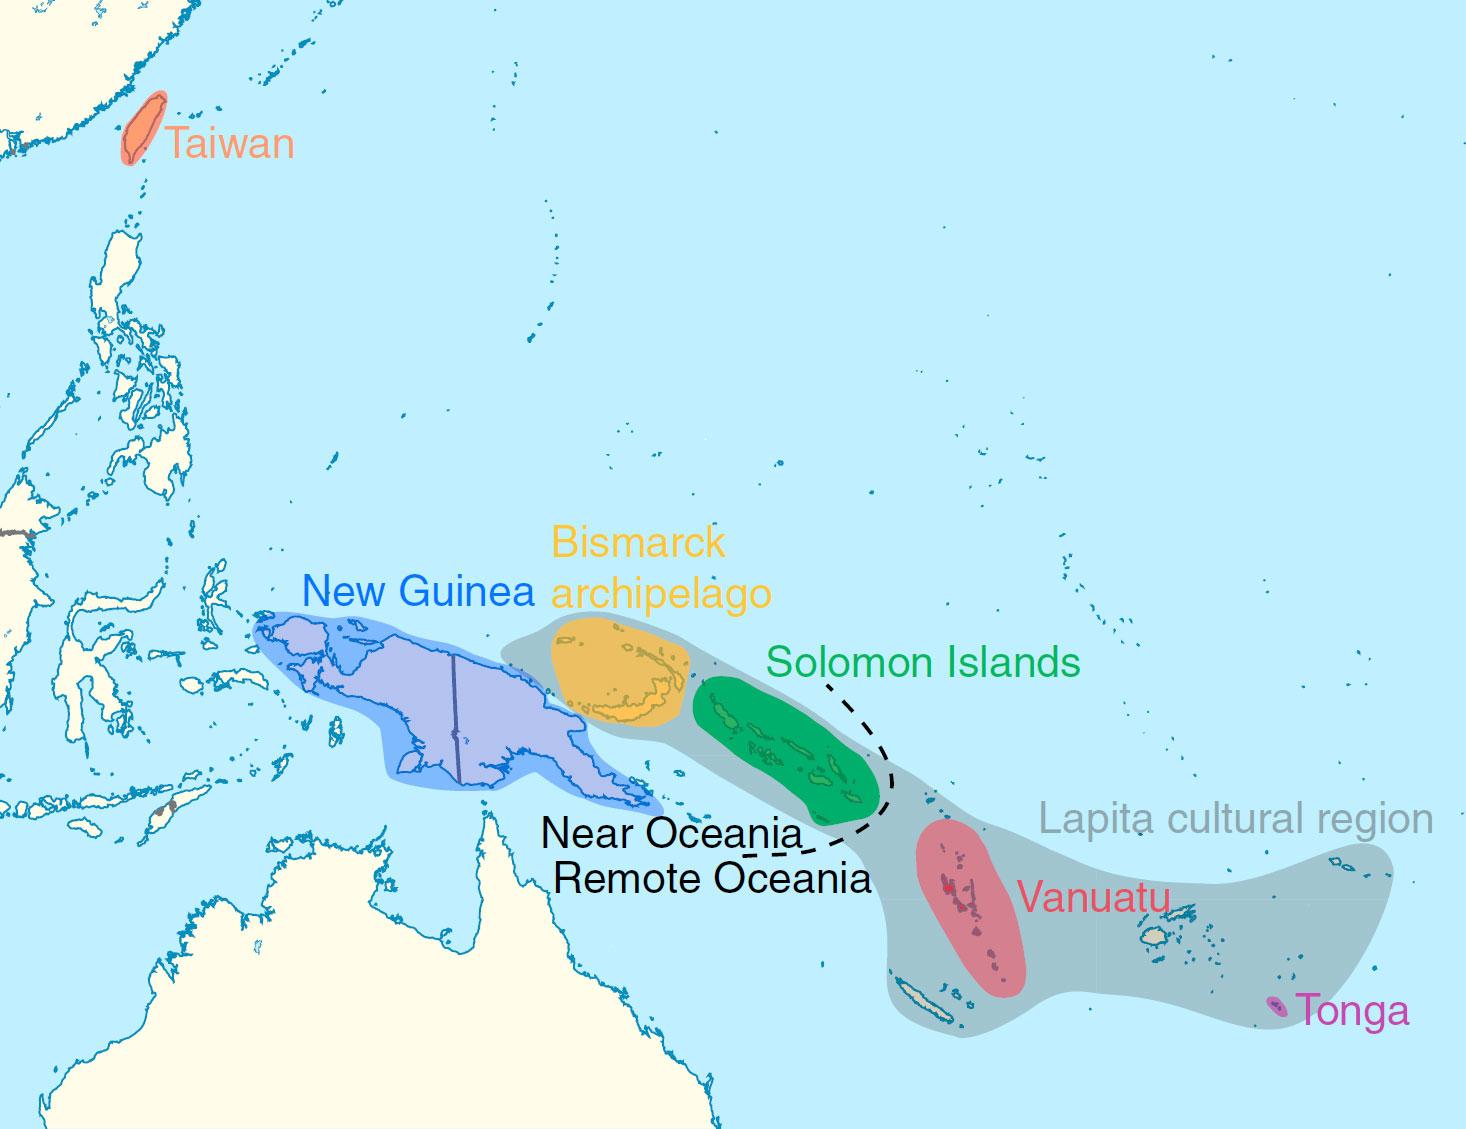 remote-oceania-vanuatu